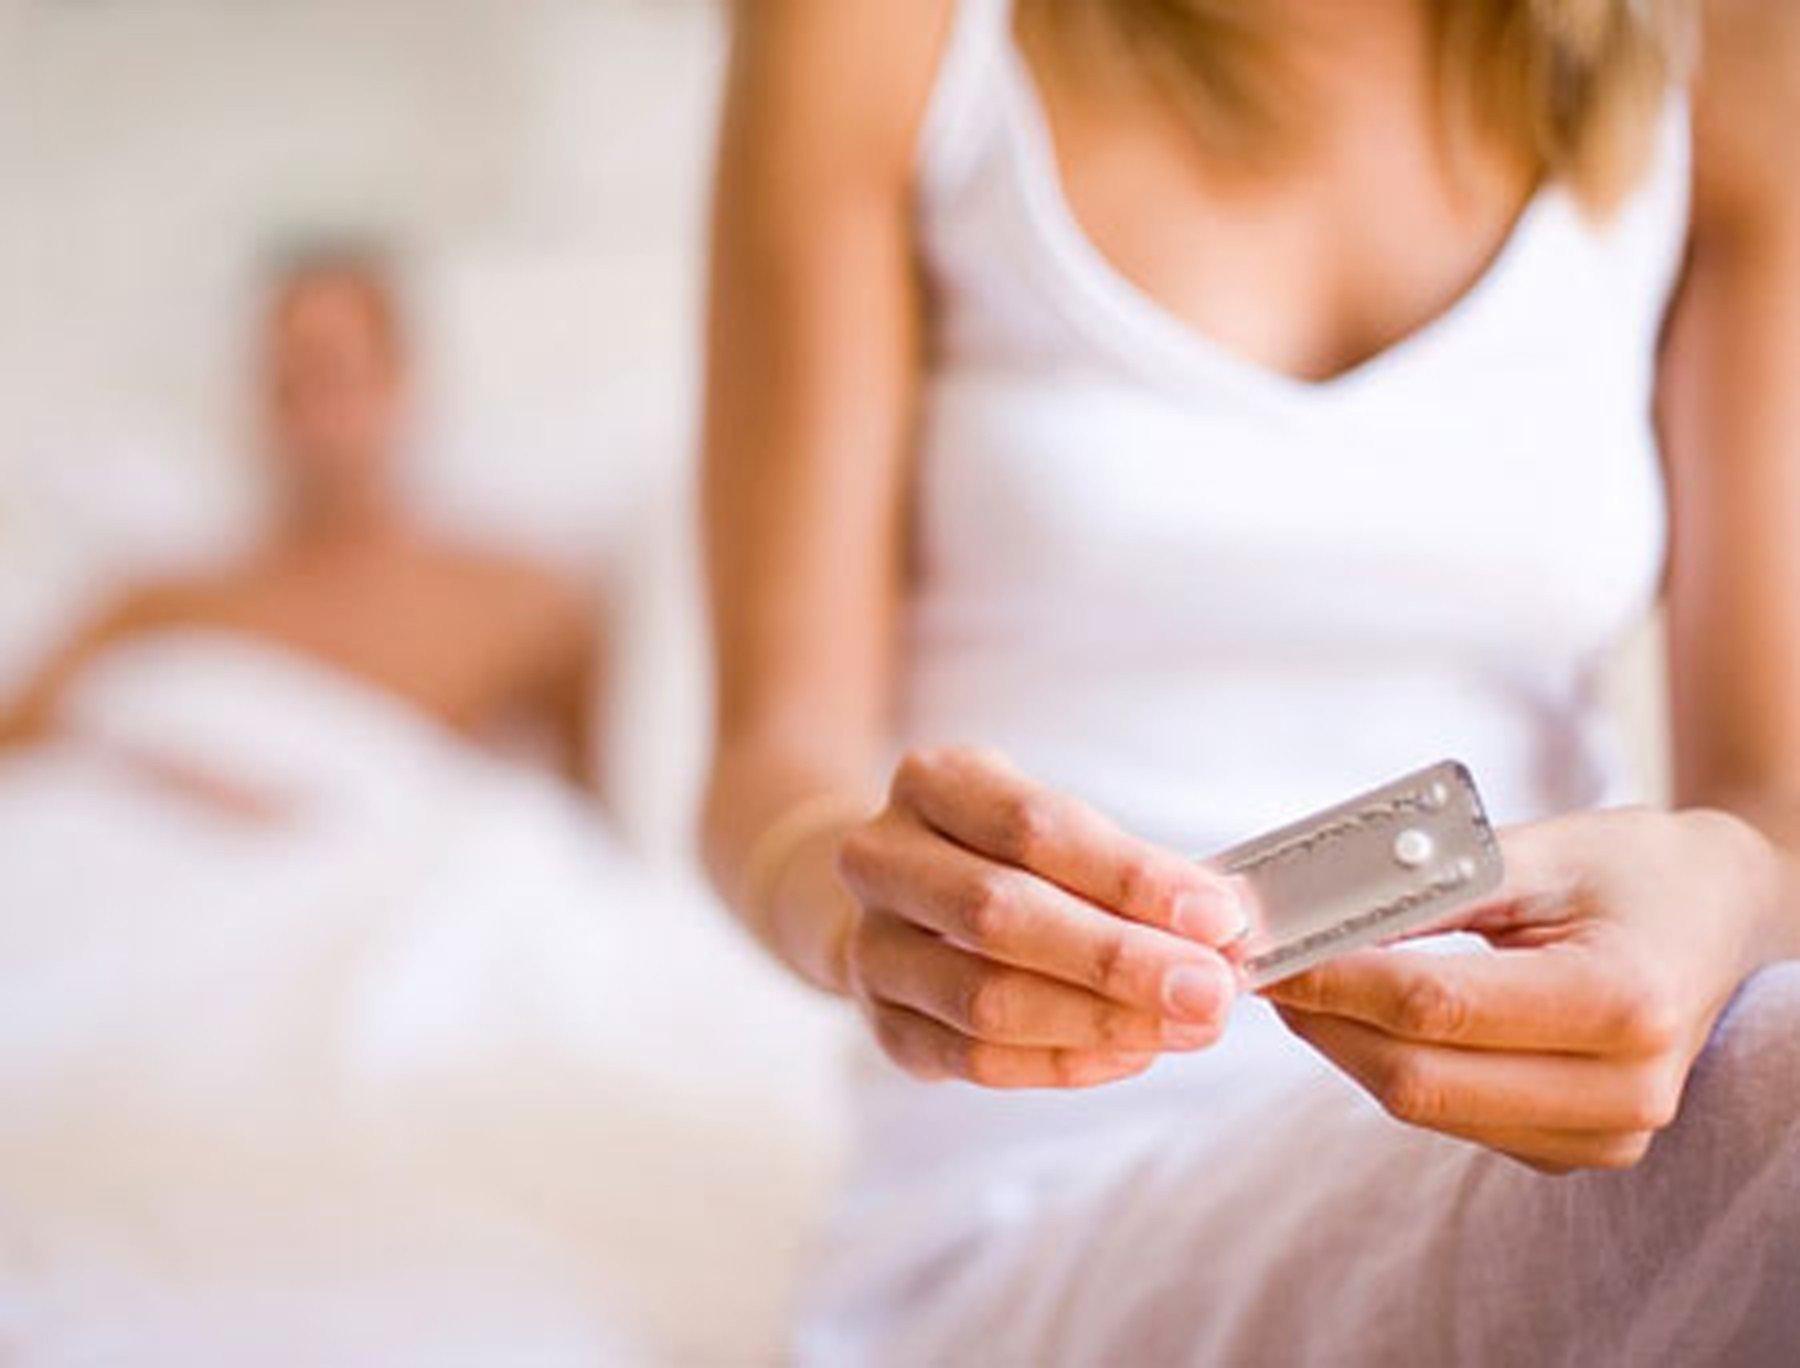 Để ngăn ngừa ung thư cổ tử cung, phụ nữ cần làm gì?